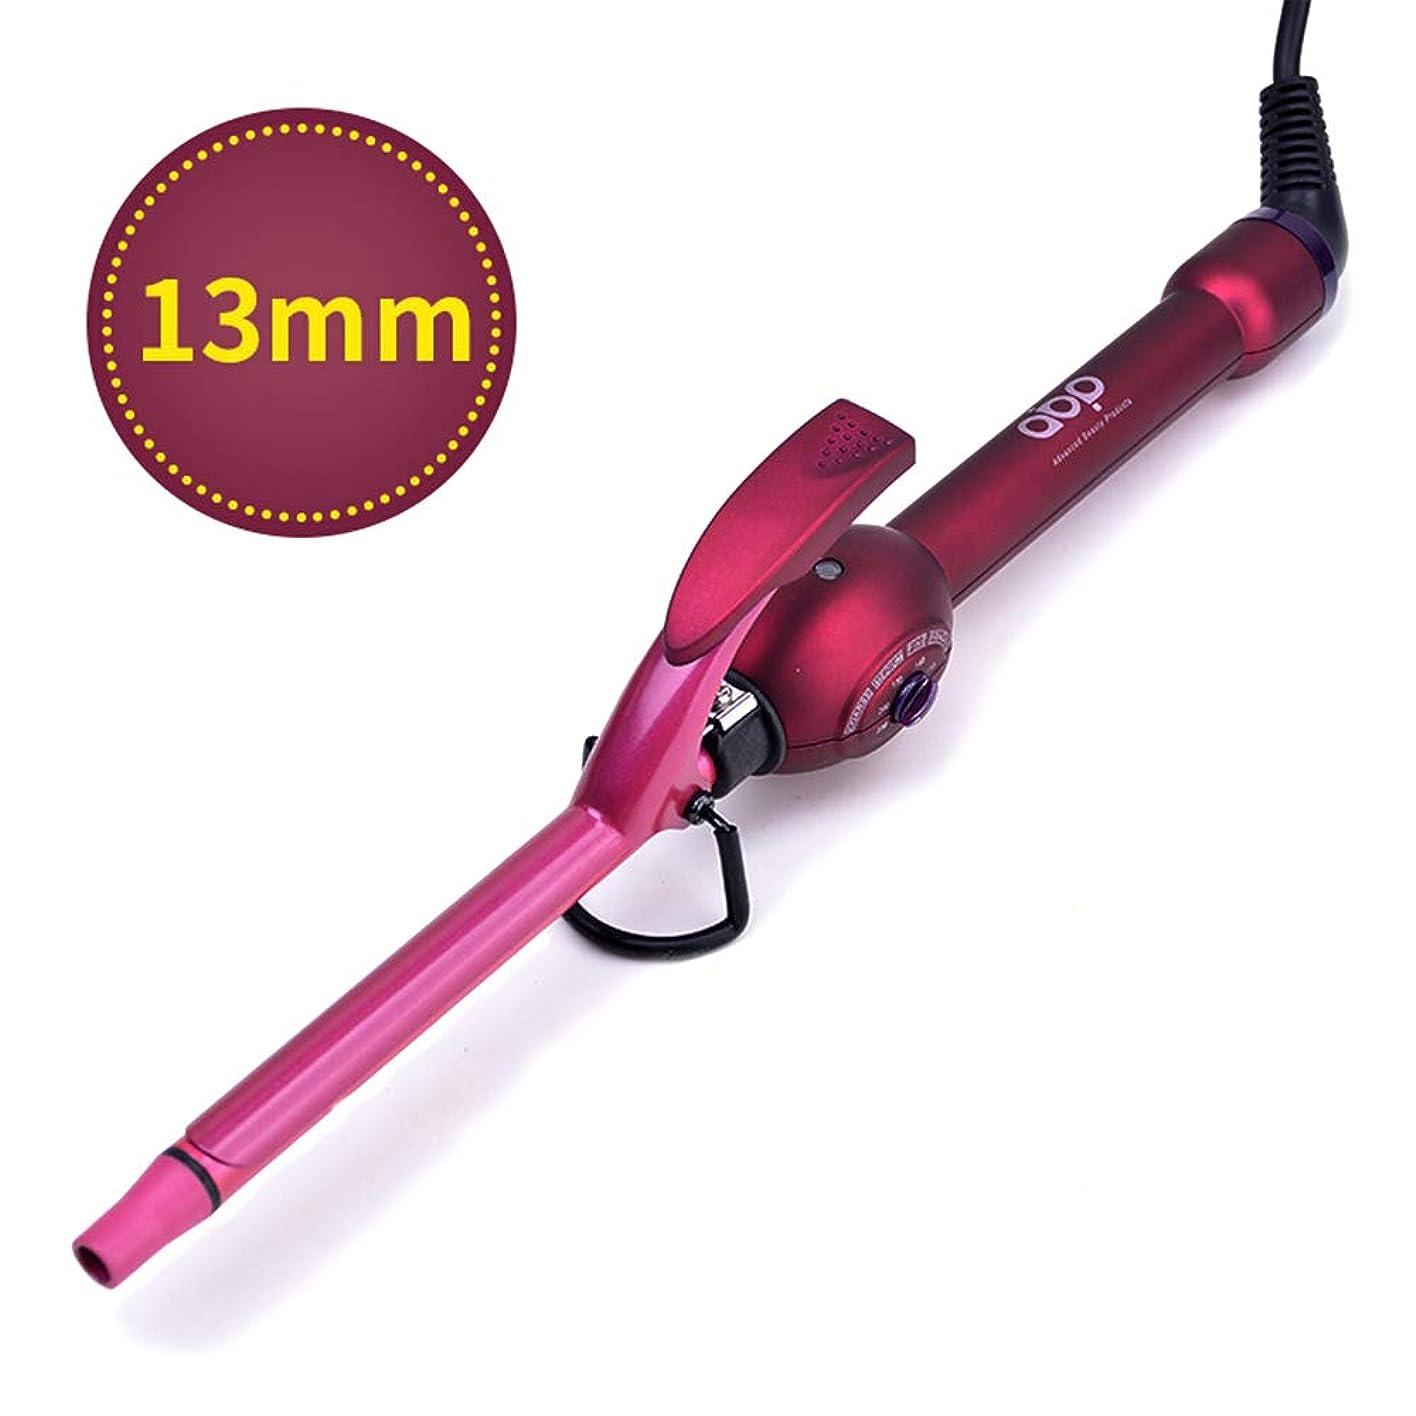 贅沢な折ハーネスABP イオンカールアイロン ヘアアイロン 80℃~210℃ 温度調整 海外対応 プロ仕様 巻き髪 (13mm)